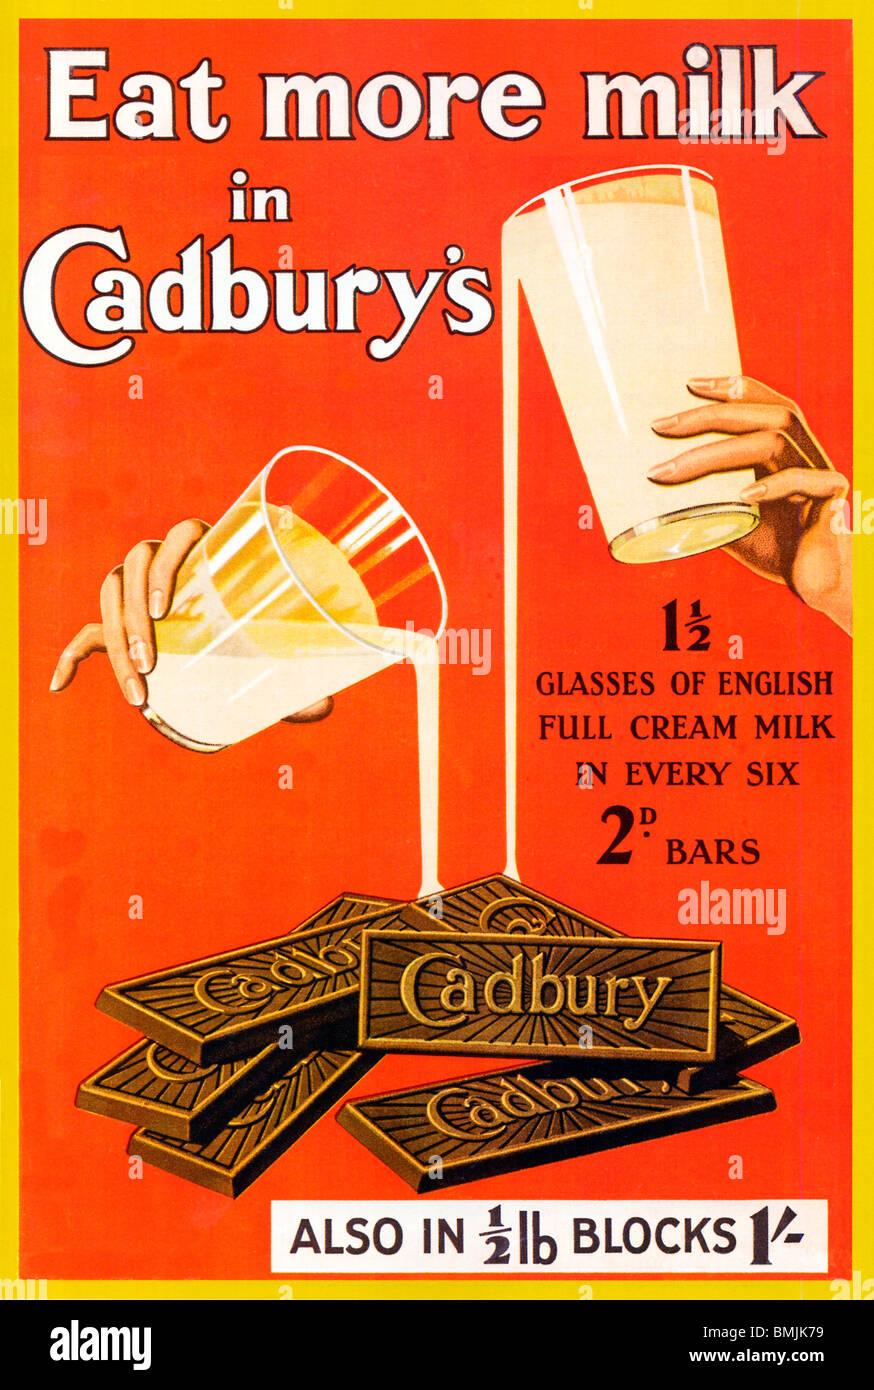 Mangiare Più latte In Cadburys, 1920s poster per l'inglese barrette di cioccolato e blocchi Immagini Stock